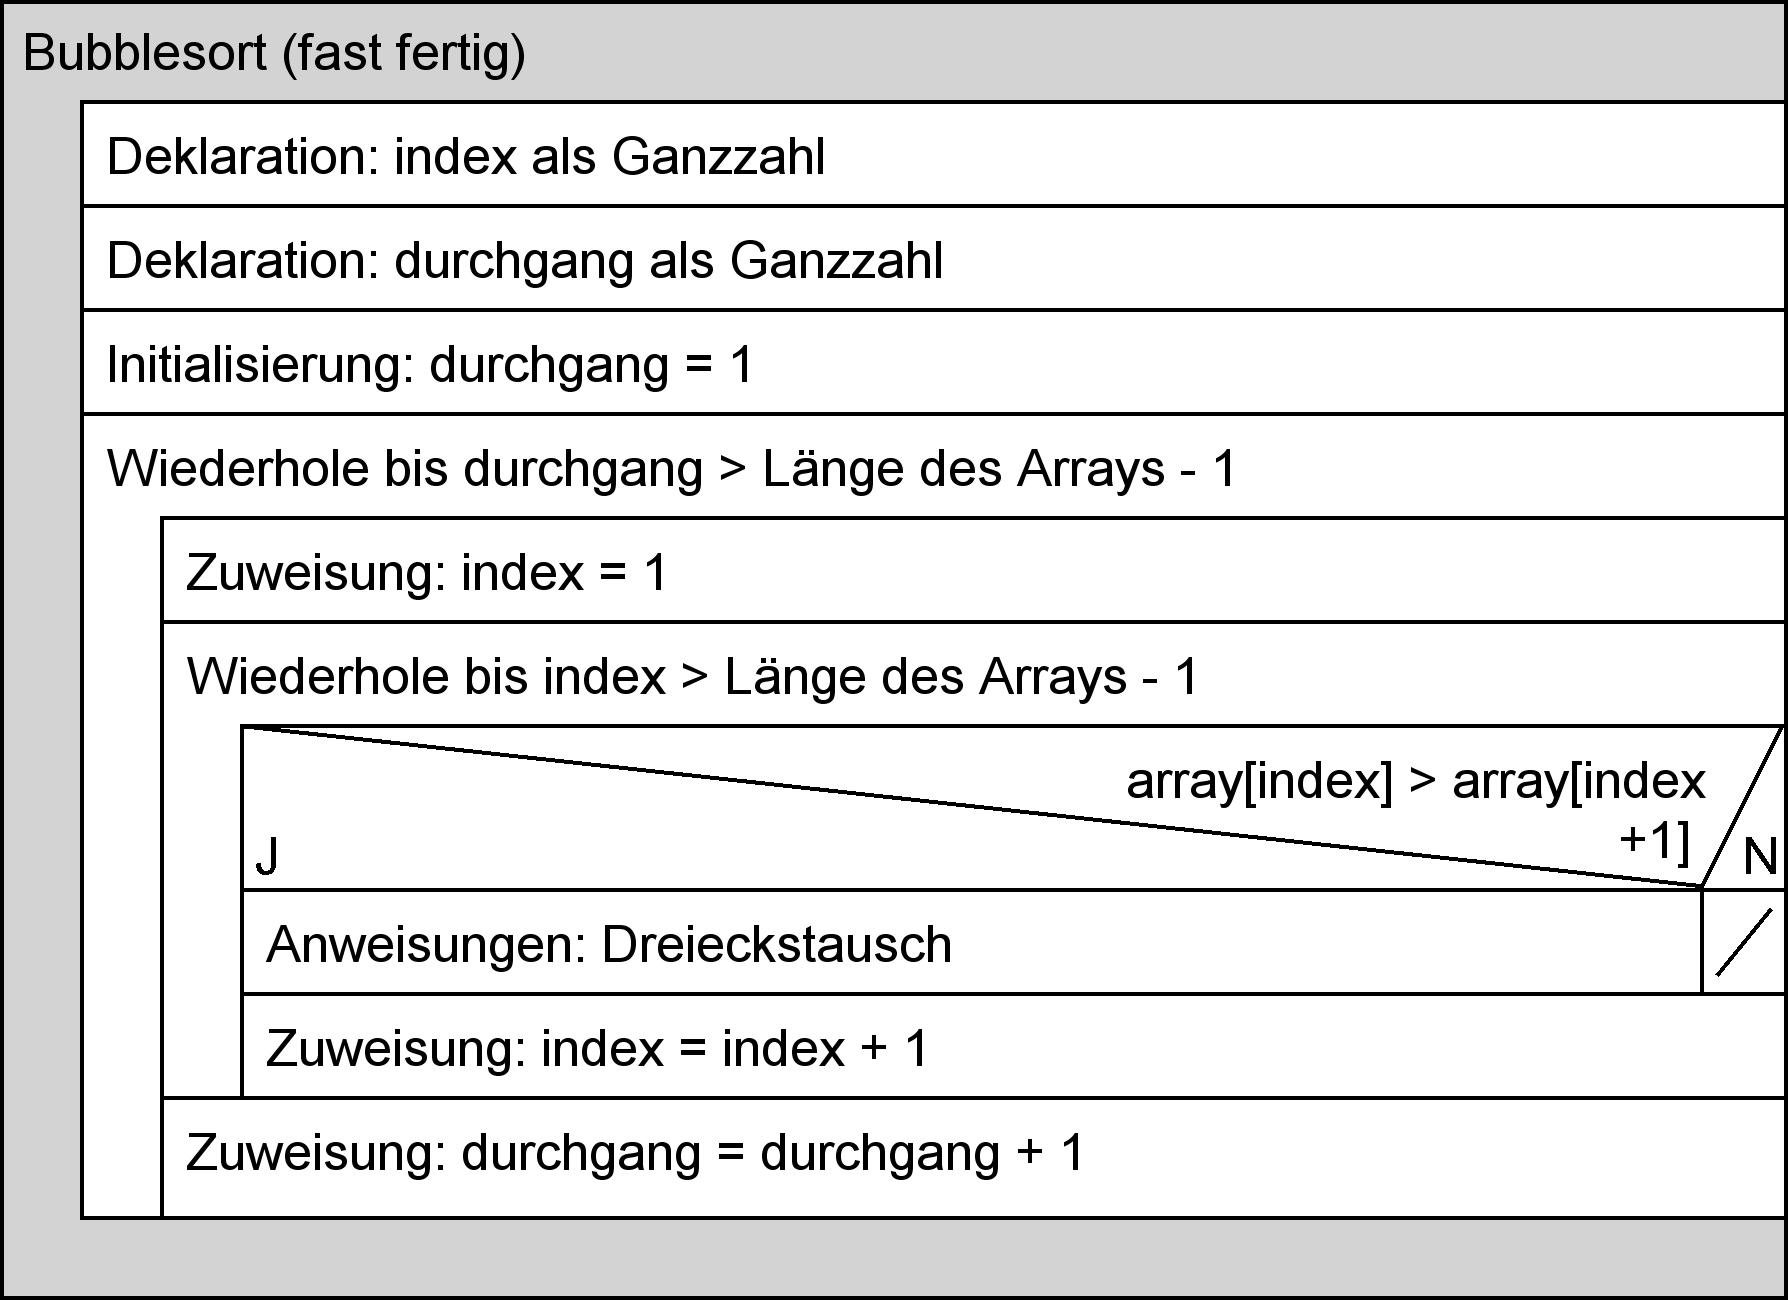 Struktogramm: BubbleSort-Algorithmus (fast fertig)